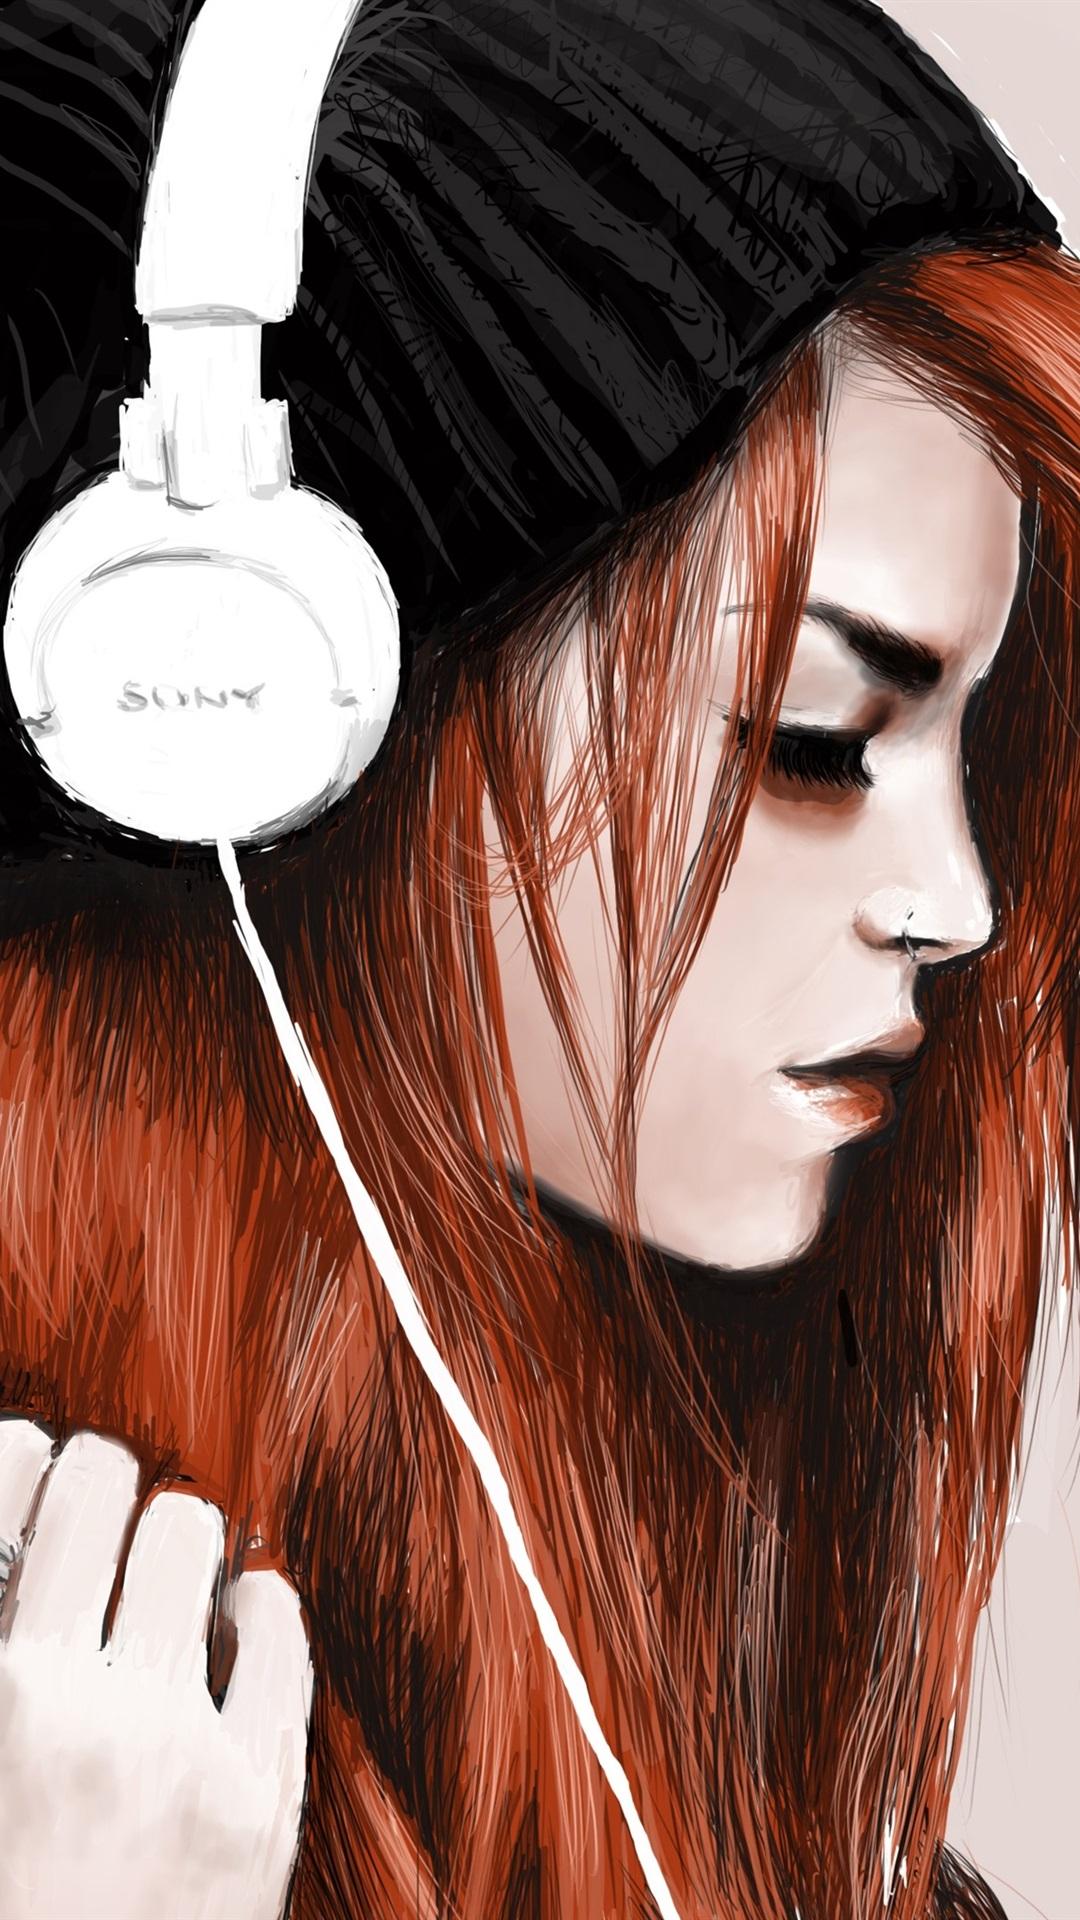 Картинки арт девушки в наушниках